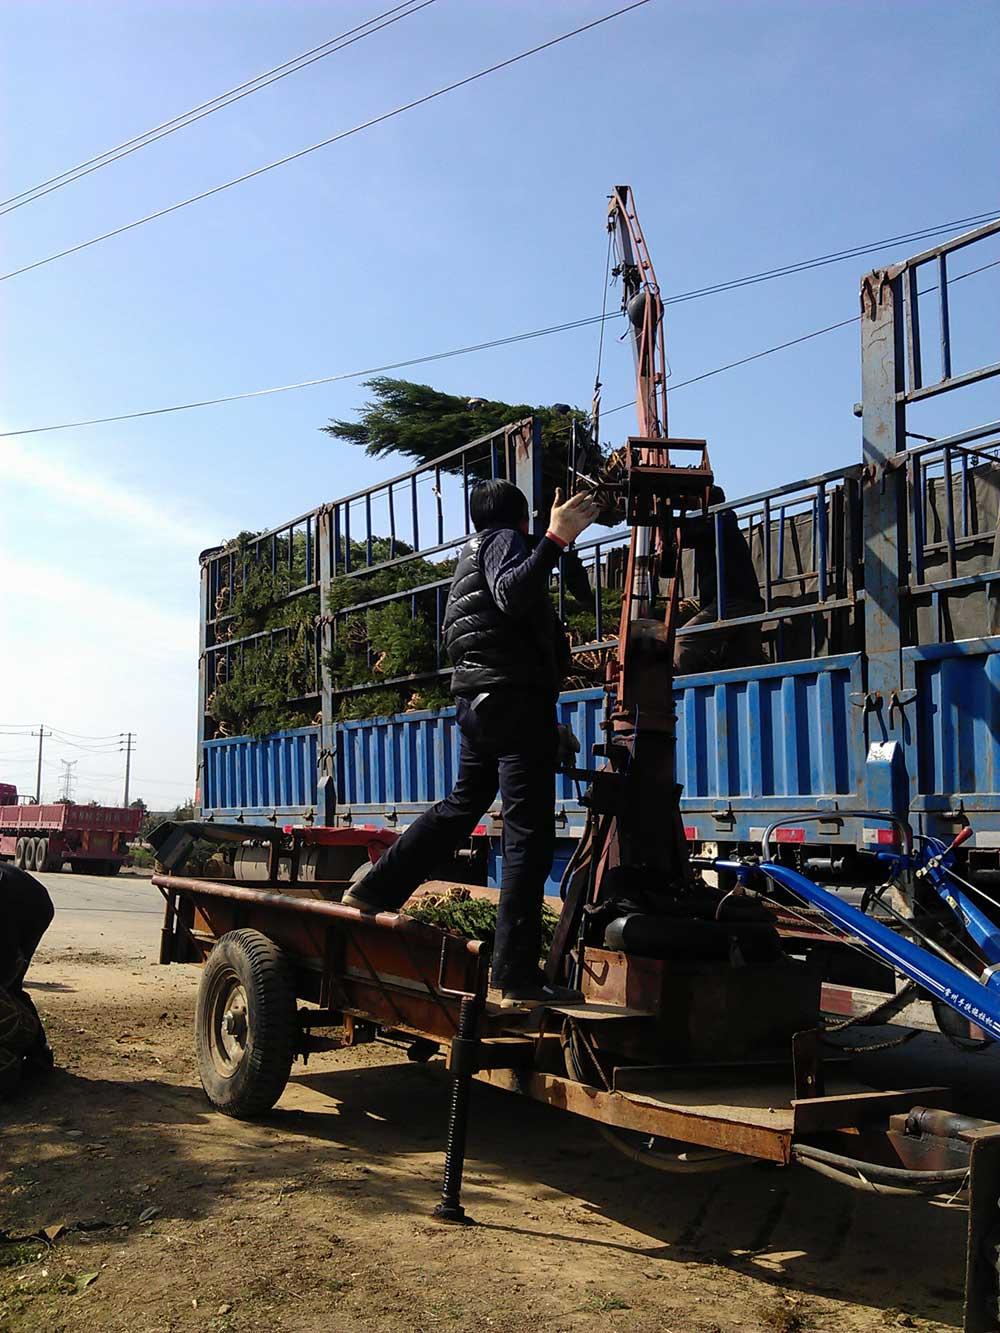 2015年3月份大运园艺2米蜀桧出圃 装货现场